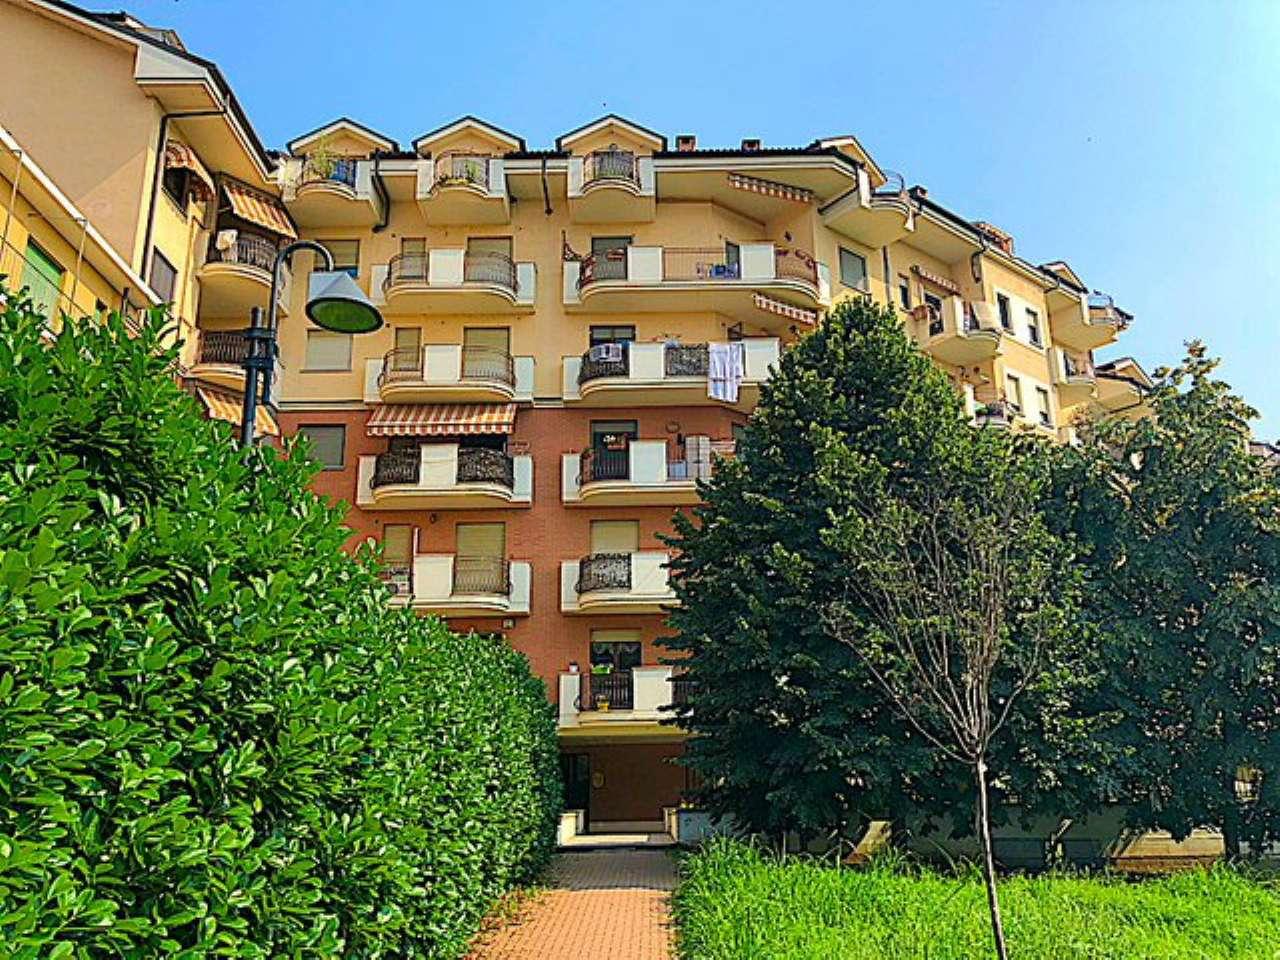 Appartamento in vendita strada Carignano 25 Moncalieri